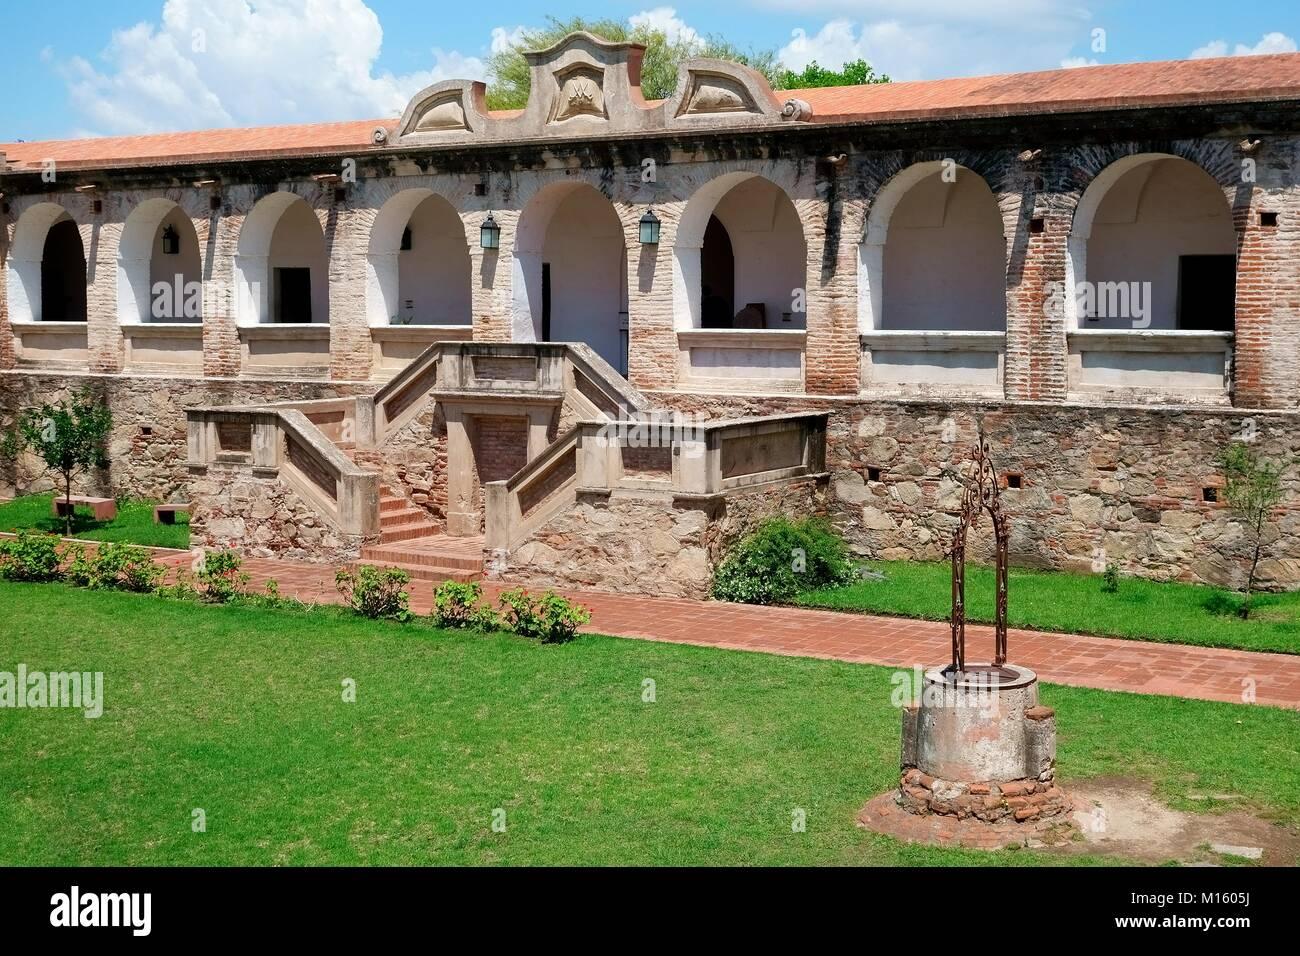 Arcade of Jesuit Mission,Museo Estancia Jesuitica,Alta Gracia,Province of Córdoba,Argentina - Stock Image